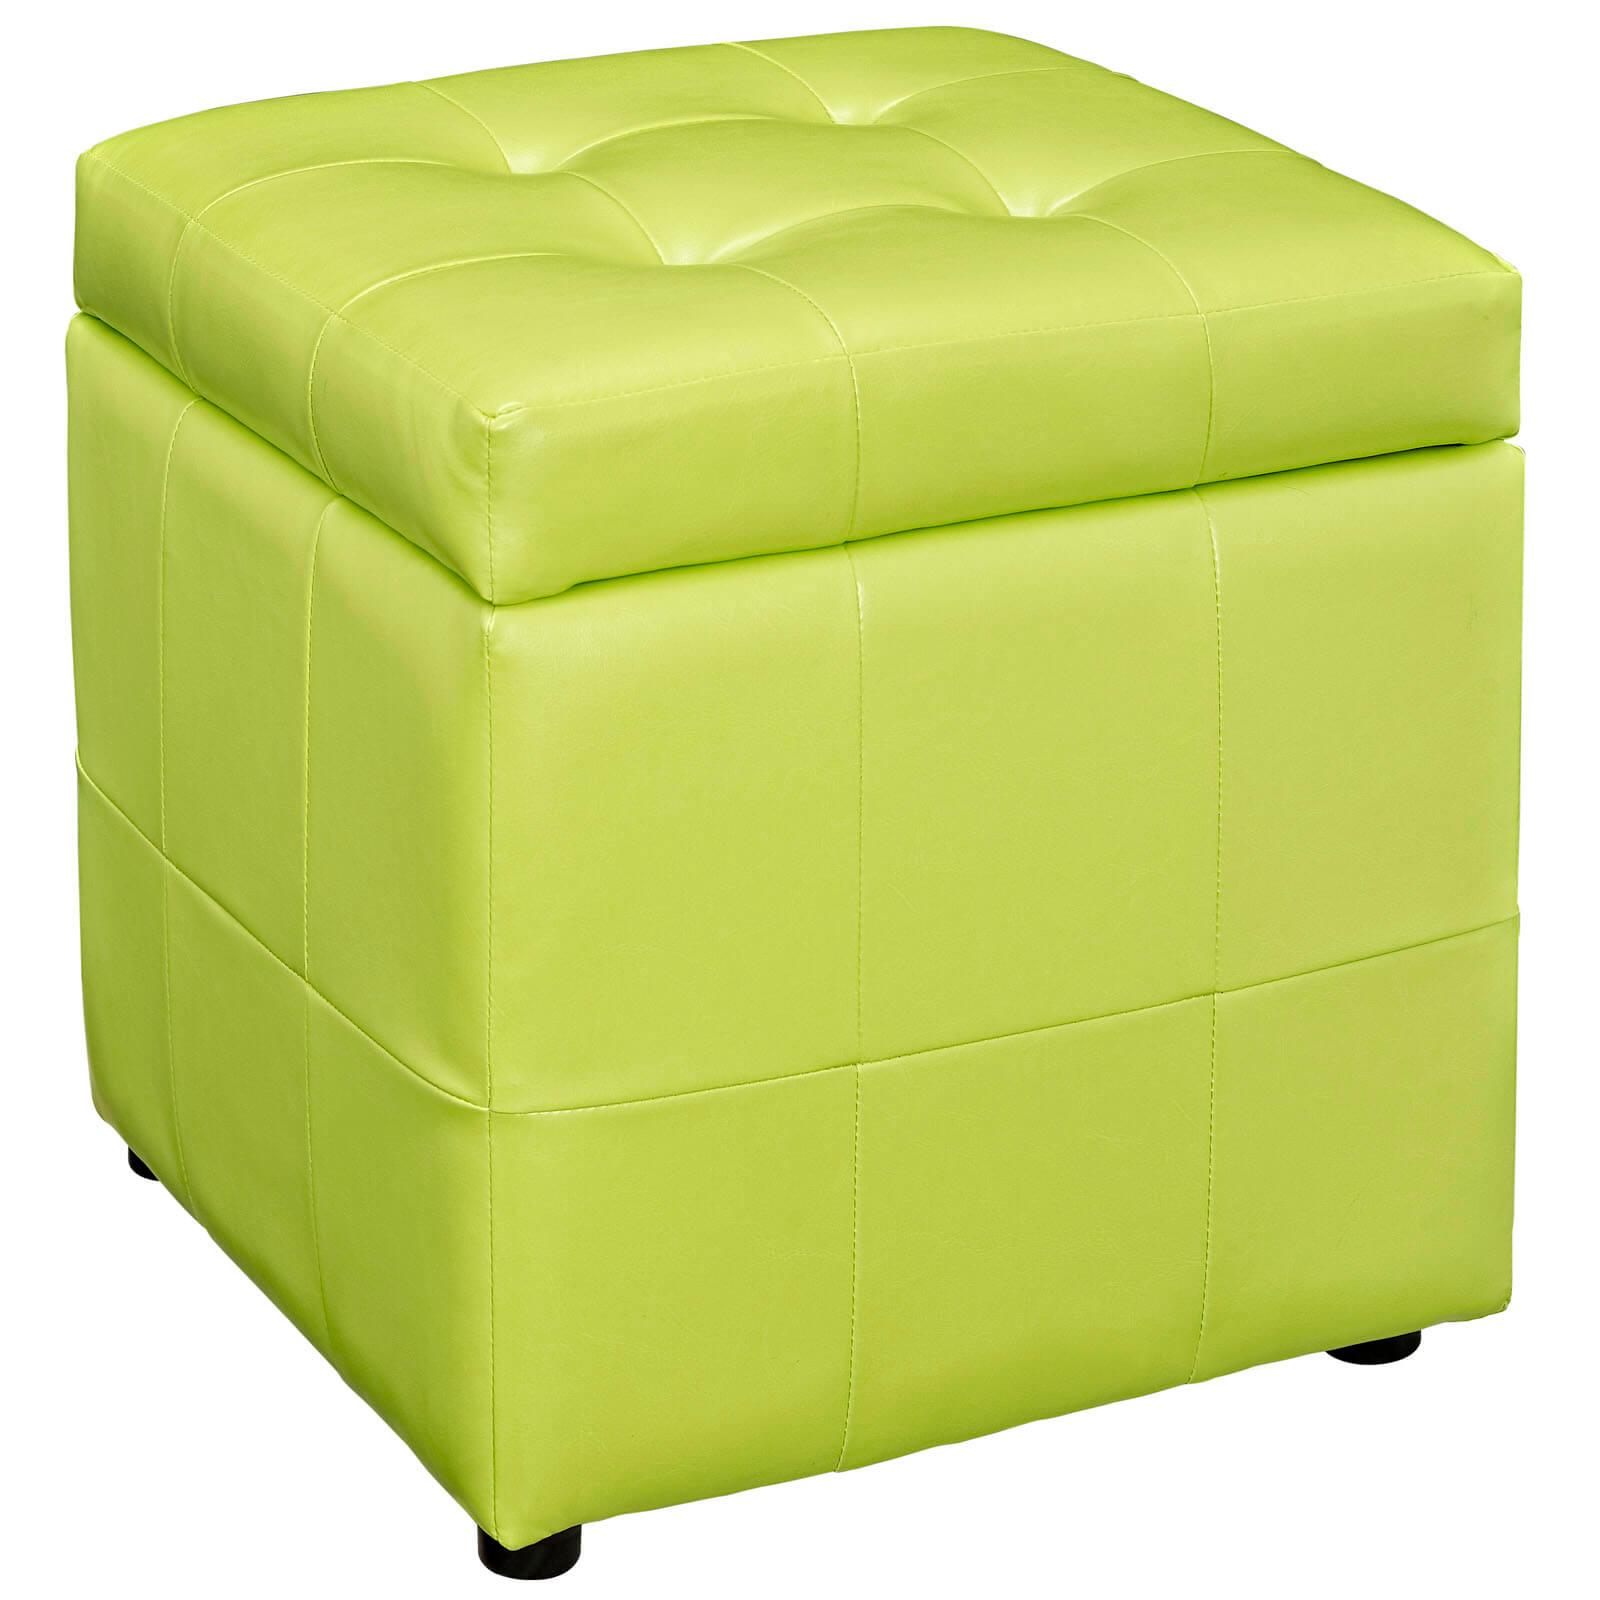 Volt Storage Ottoman, Light Green Buy Online At Best Price